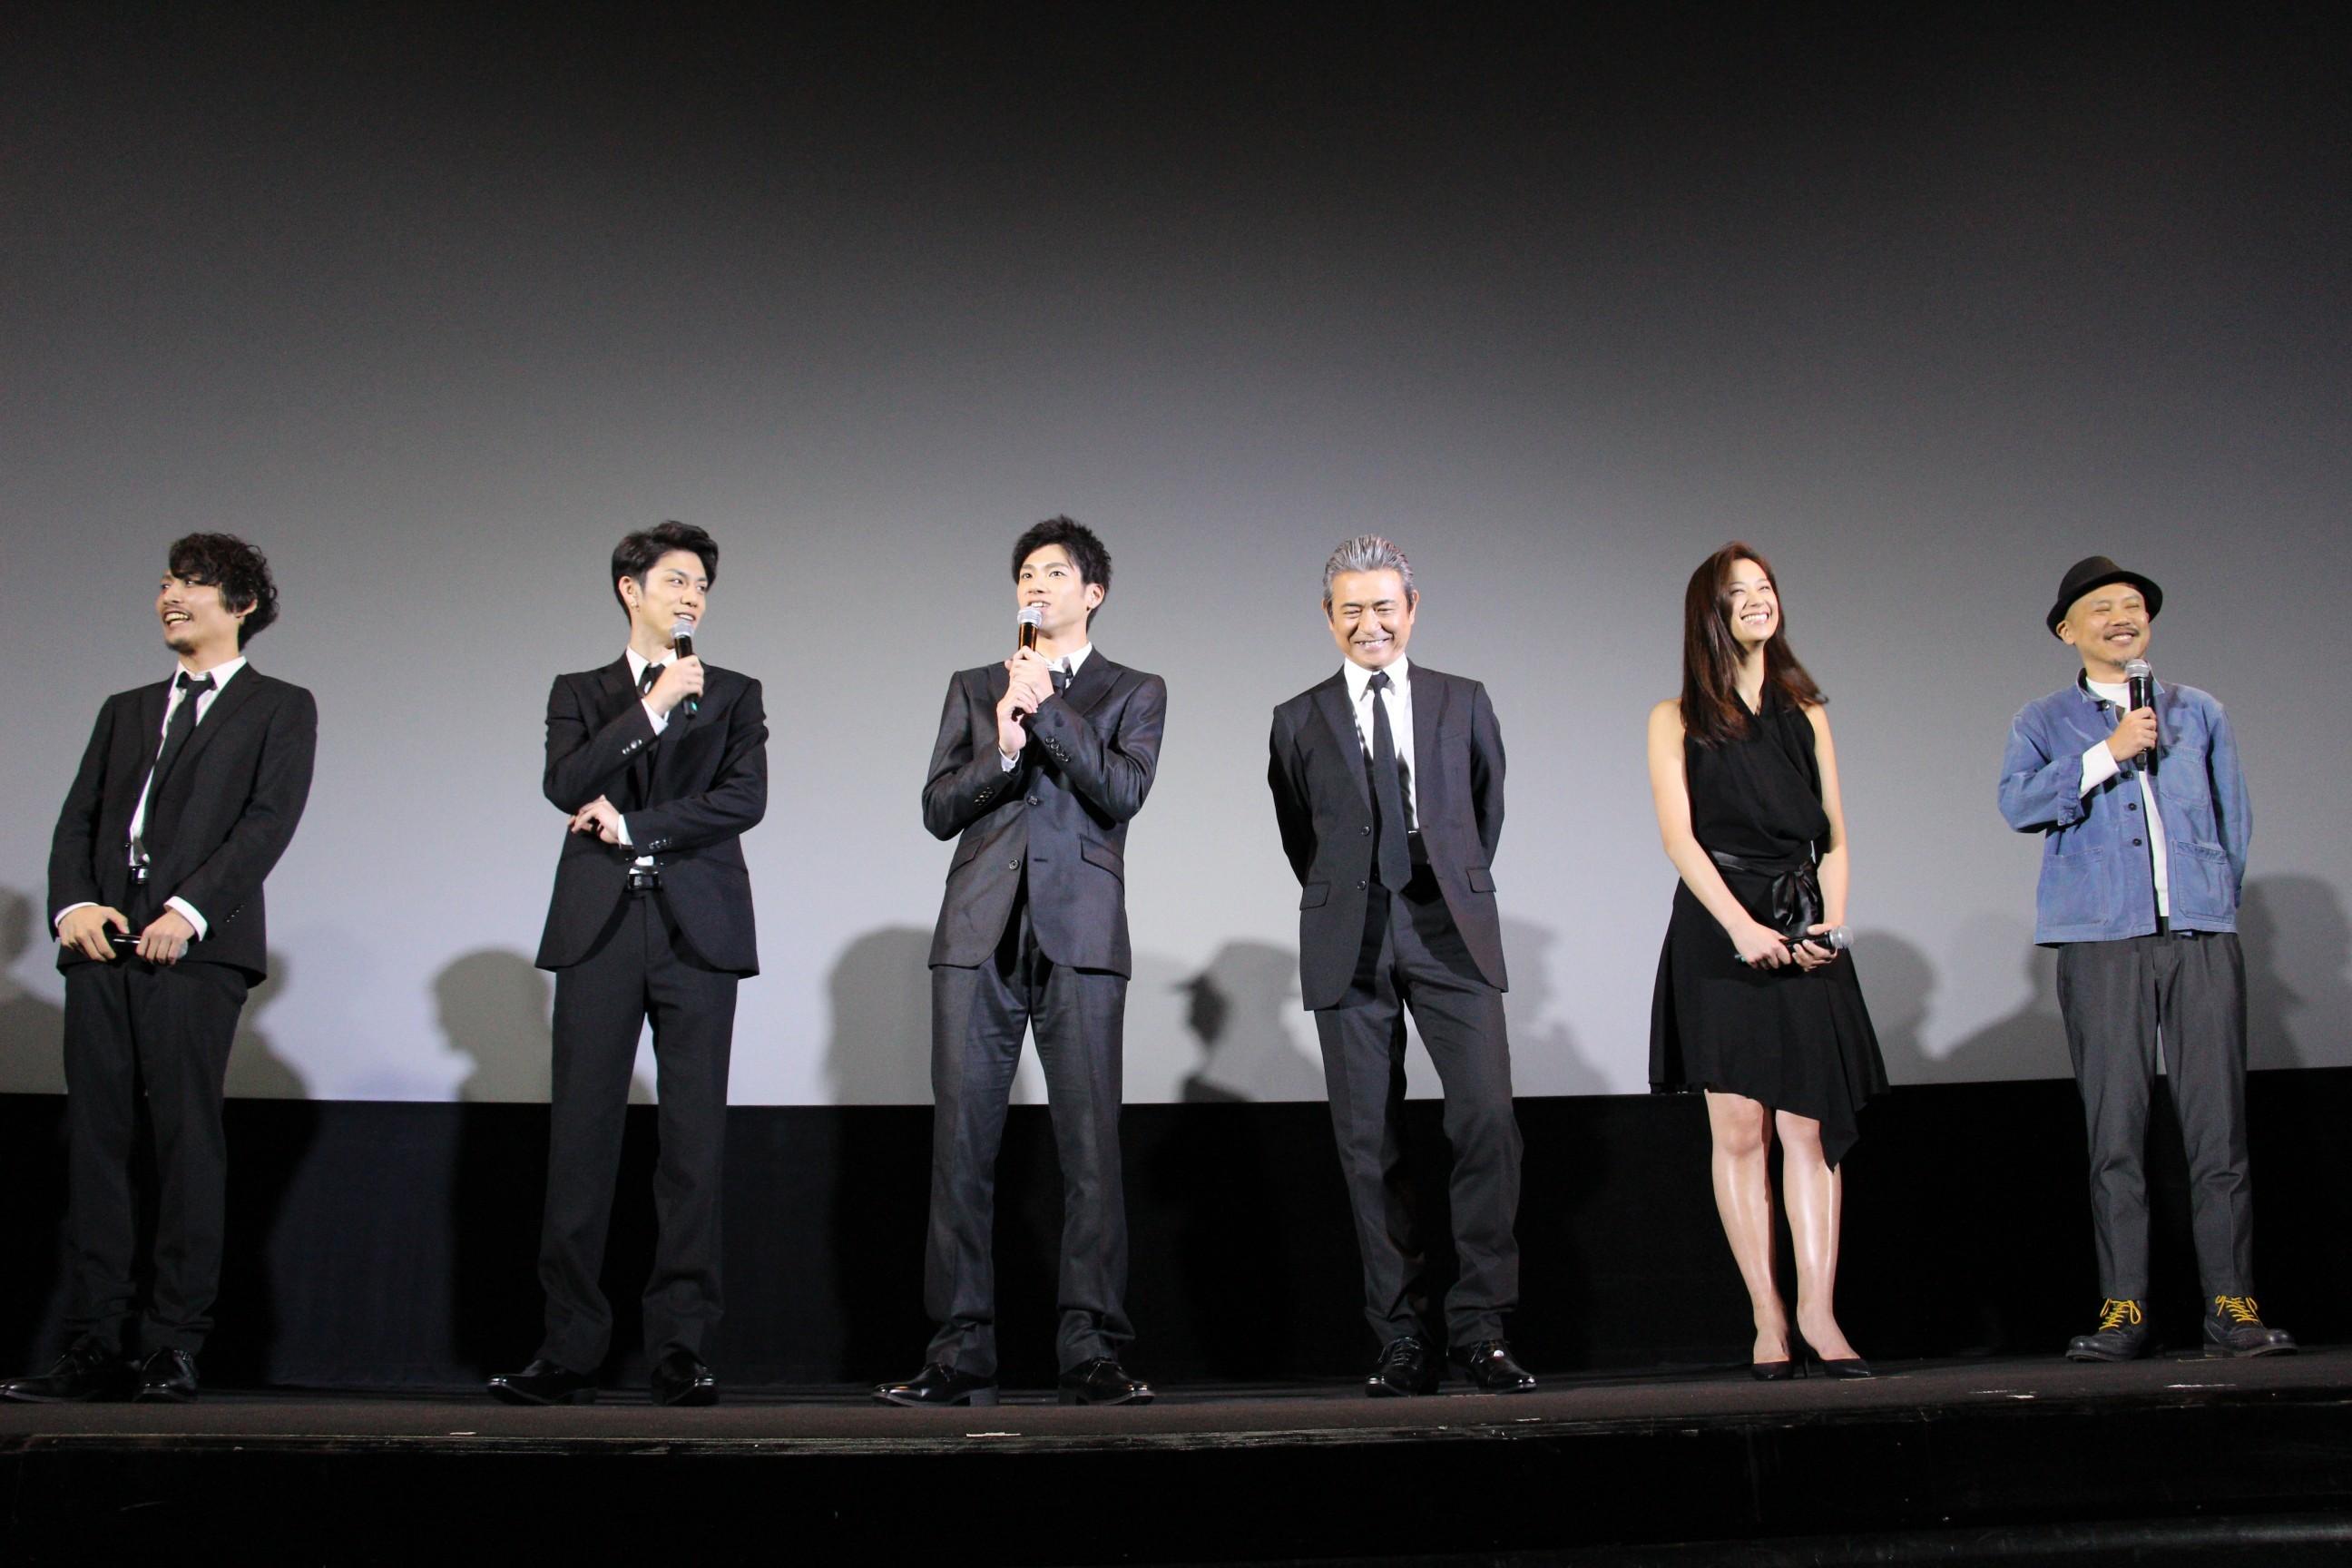 左から、ジェントル、青木玄徳、山田裕貴、升毅、高橋ユウ、元木隆史監督